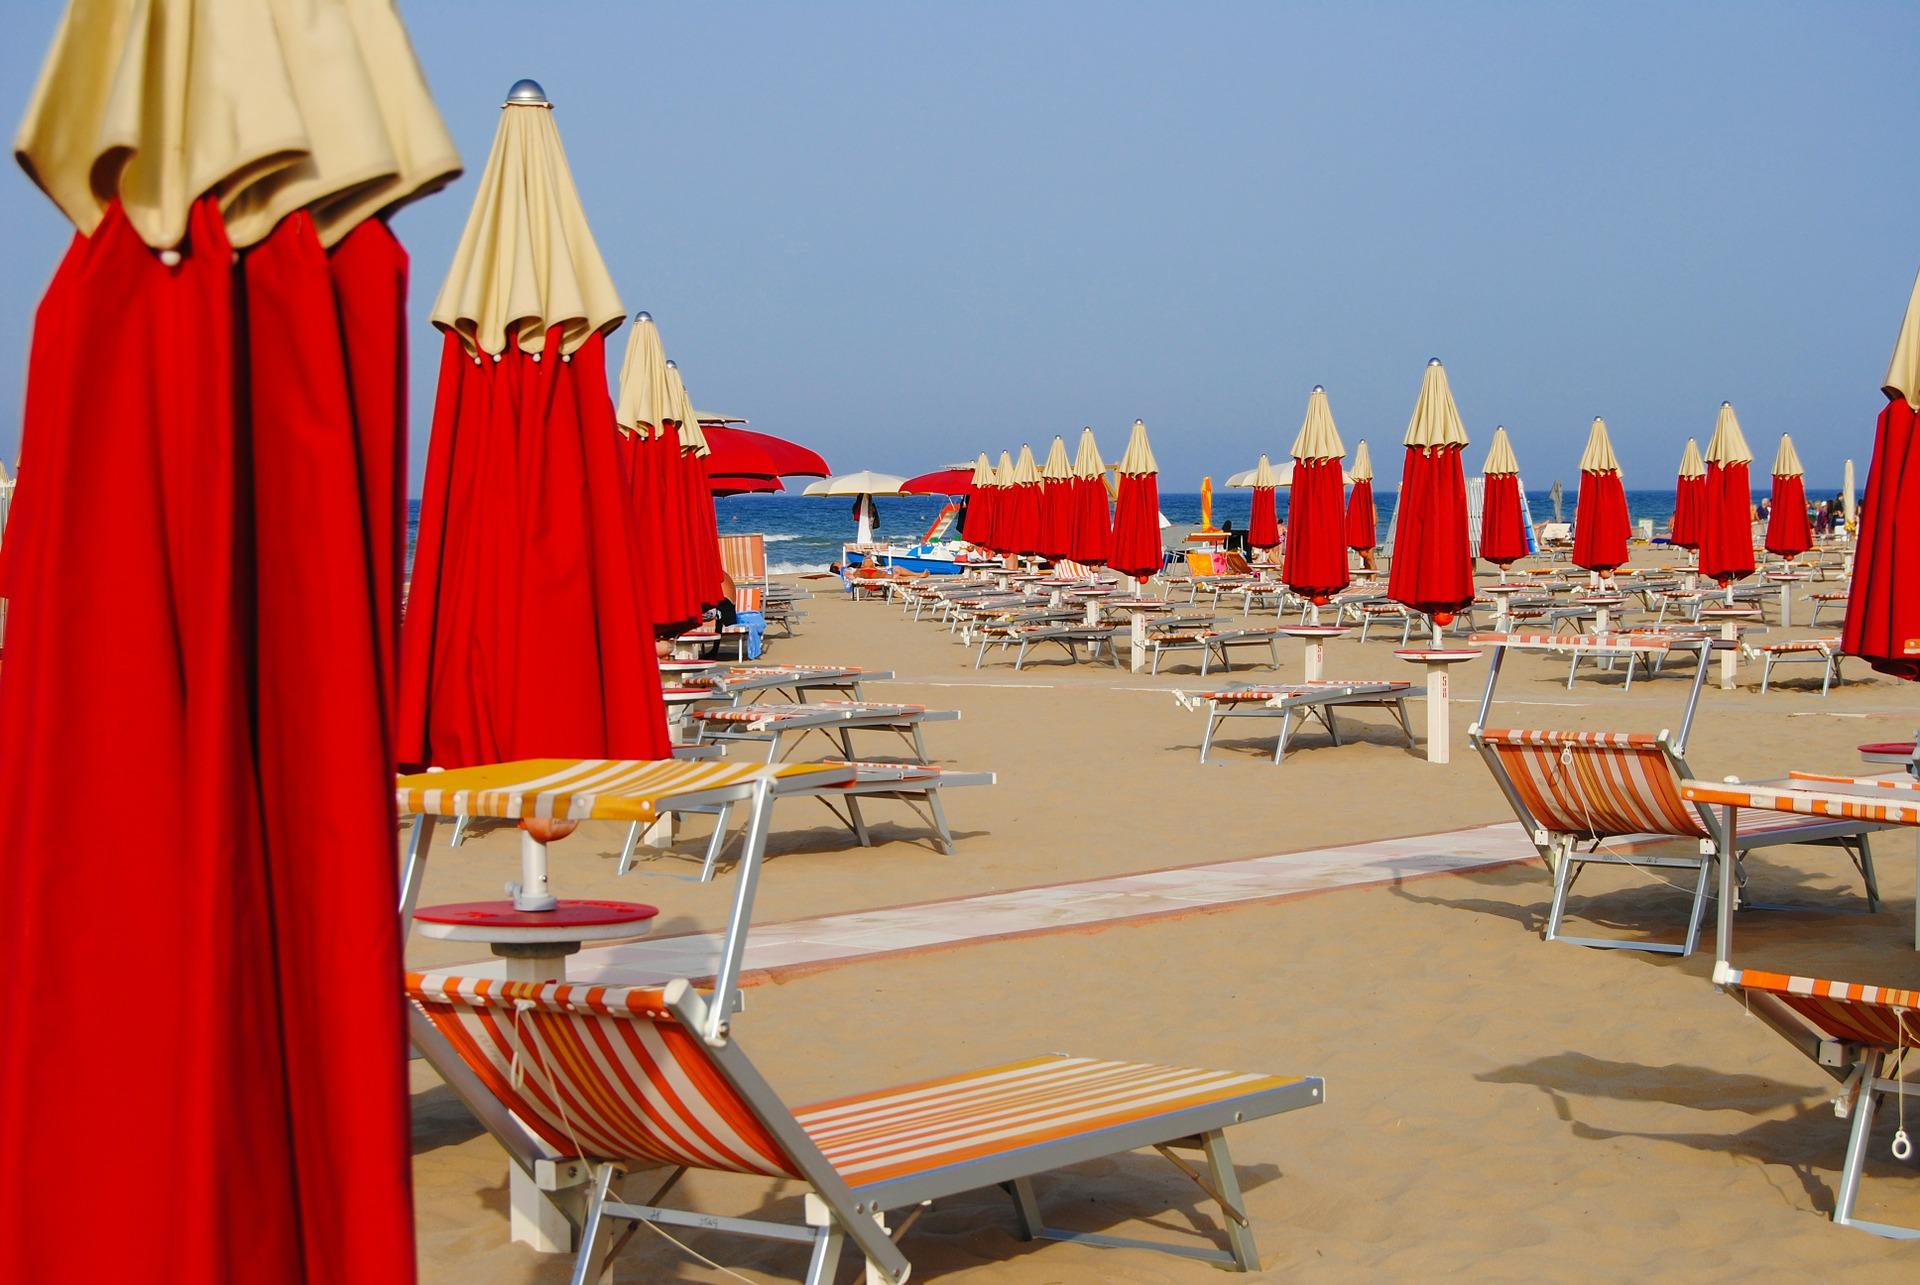 italija, letovališta, letovanje, odmor